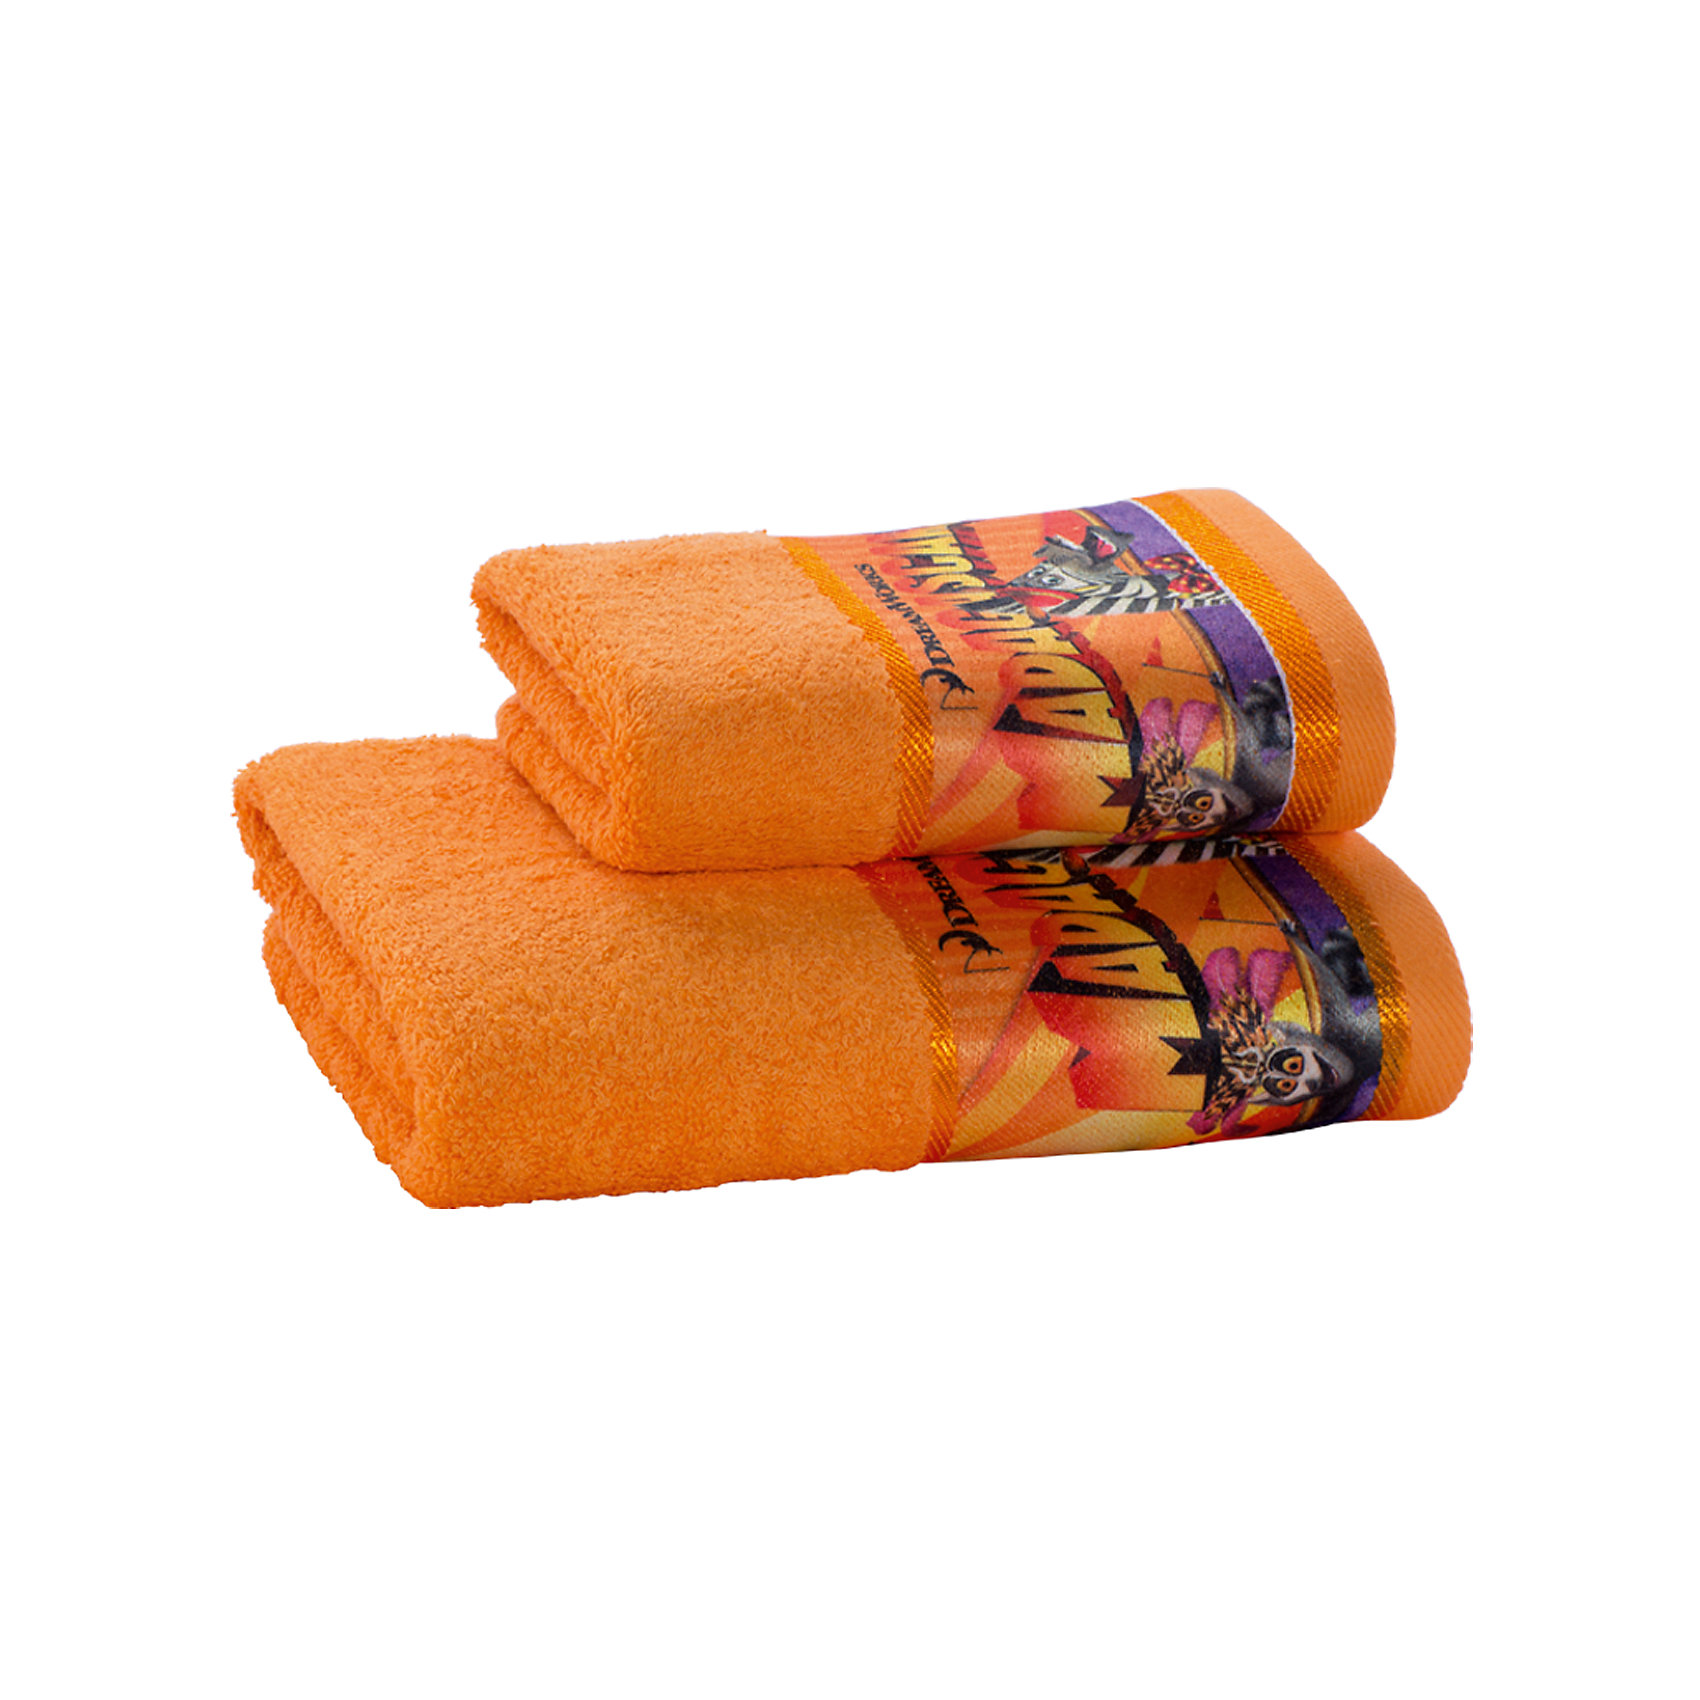 Полотенце махровое Мадагаскар 50*90, Непоседа, оранжевыйМахровое полотенце Мадагаскар изготовлено из натурального хлопка. Оно приятно телу, замечательно впитывает влагу и сохраняет цвет в течение долгого времени. Яркий цвет полотенца и полоска с изображением любимых персонажей мультфильма Мадагаскар не оставят вашего ребенка равнодушным!<br><br>Дополнительная информация:<br>Мультфильм: Мадагаскар<br>Материал: 100% хлопок<br>Размер: 50х90 см<br>Цвет: оранжевый<br>Торговая марка: Непоседа<br><br>Махровое полотенце Мадагаскар можно приобрести в нашем интернет-магазине.<br><br>Ширина мм: 500<br>Глубина мм: 500<br>Высота мм: 200<br>Вес г: 250<br>Возраст от месяцев: 0<br>Возраст до месяцев: 144<br>Пол: Унисекс<br>Возраст: Детский<br>SKU: 5010963